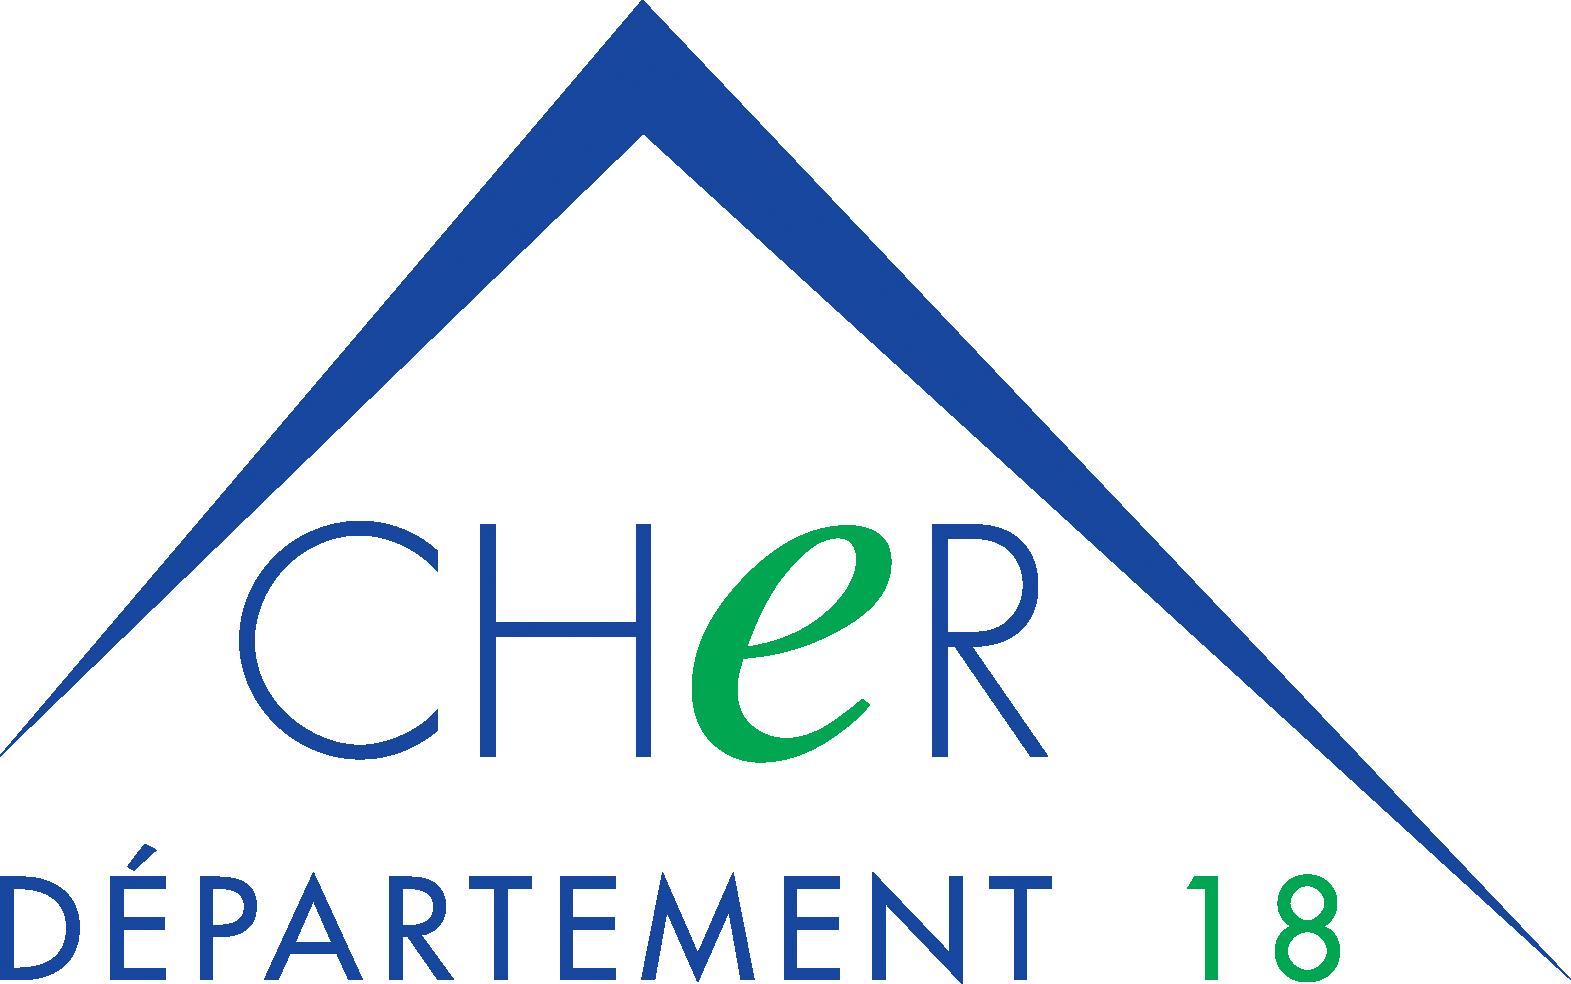 Logo CD Cher